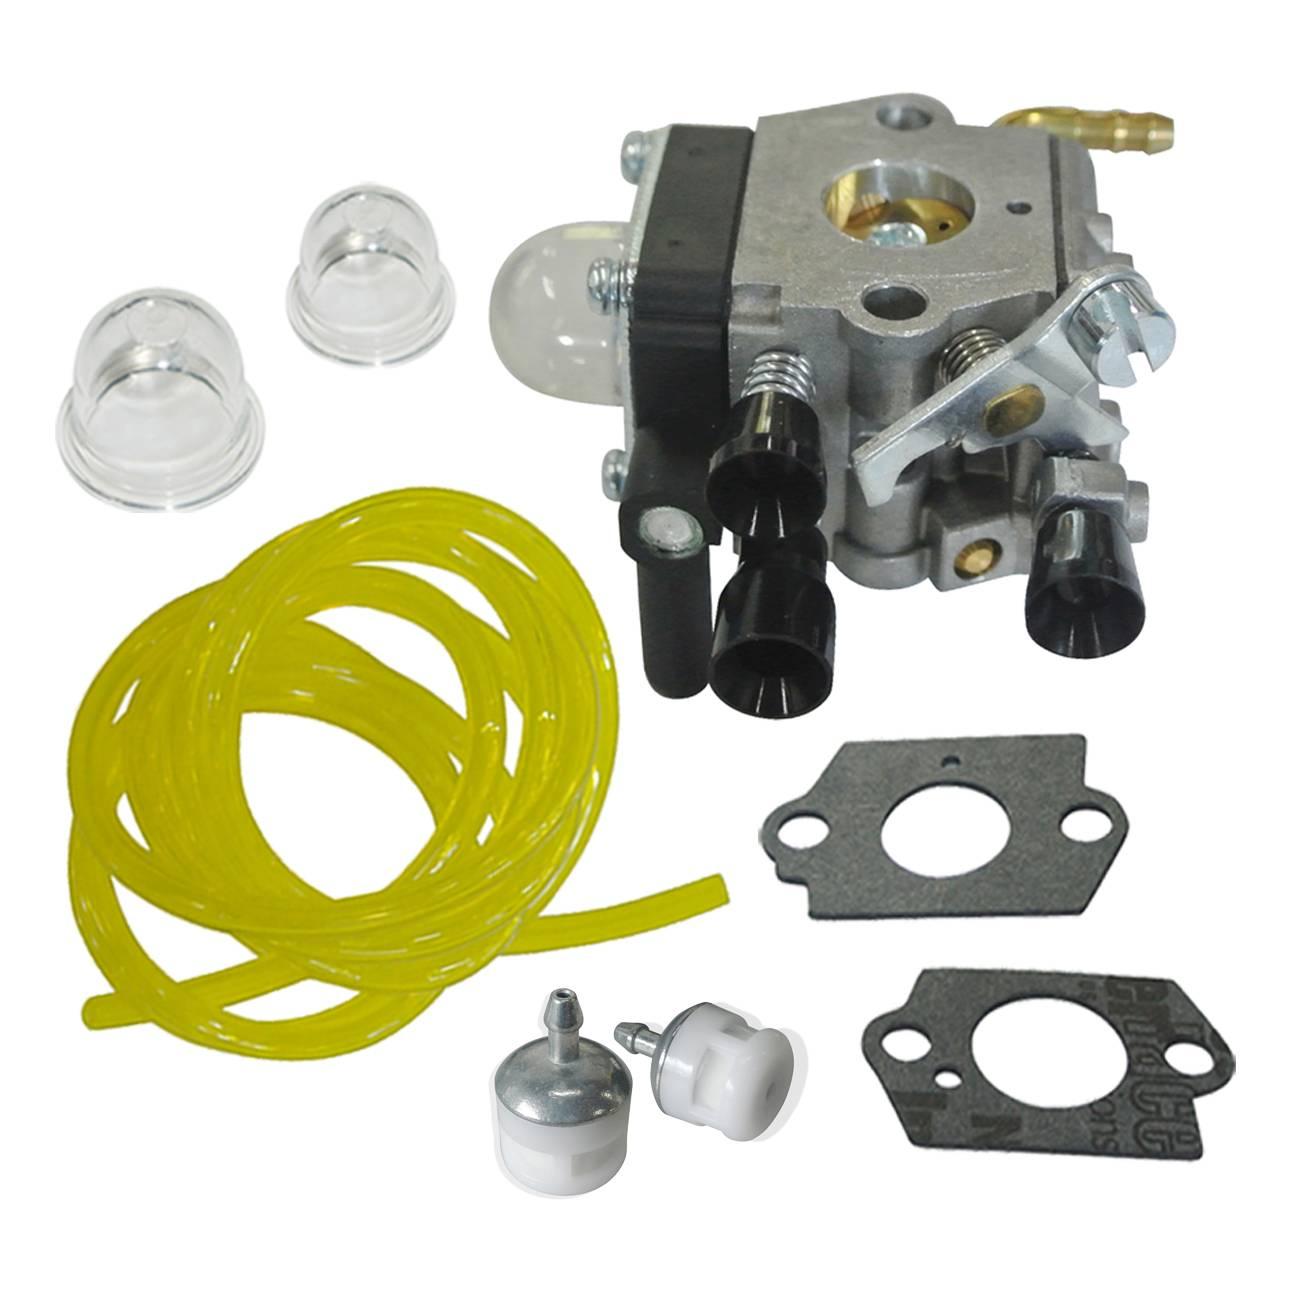 Carburetor Fuel Filter Primer Bulbs Fit Stihl Hs81r Hs86 Hs86r Trimmer For Hedge